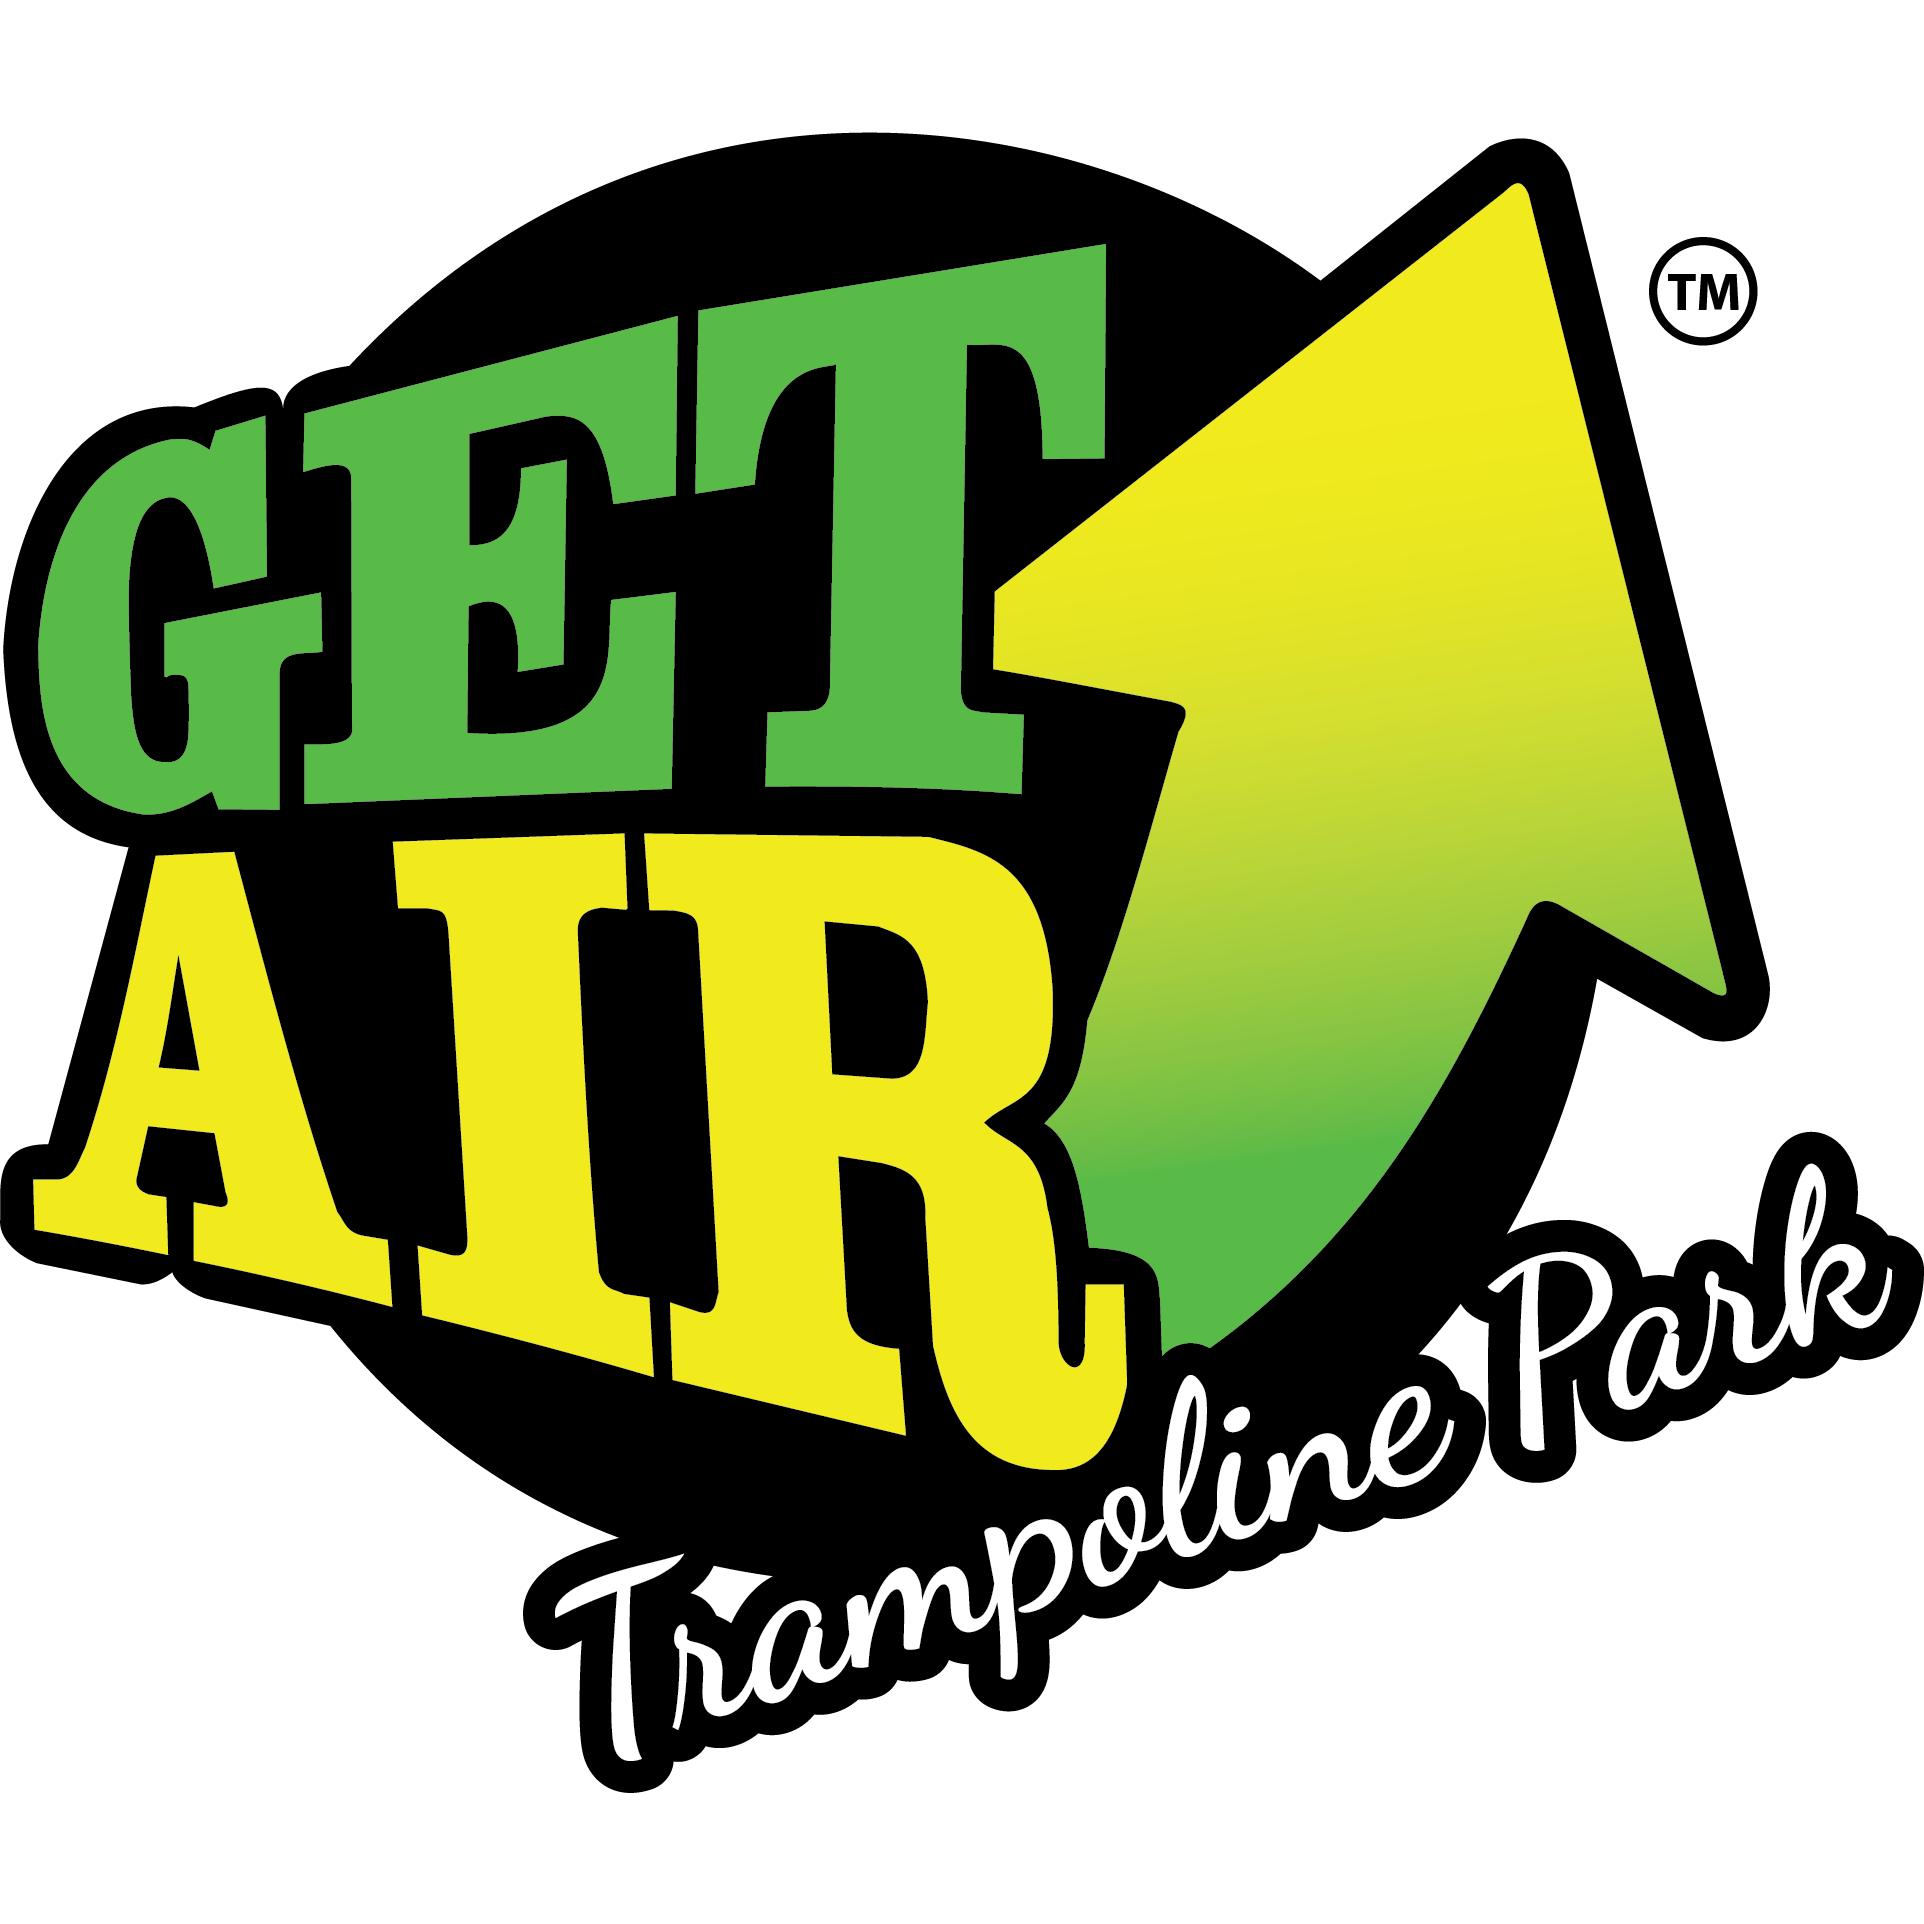 Get Air image 5